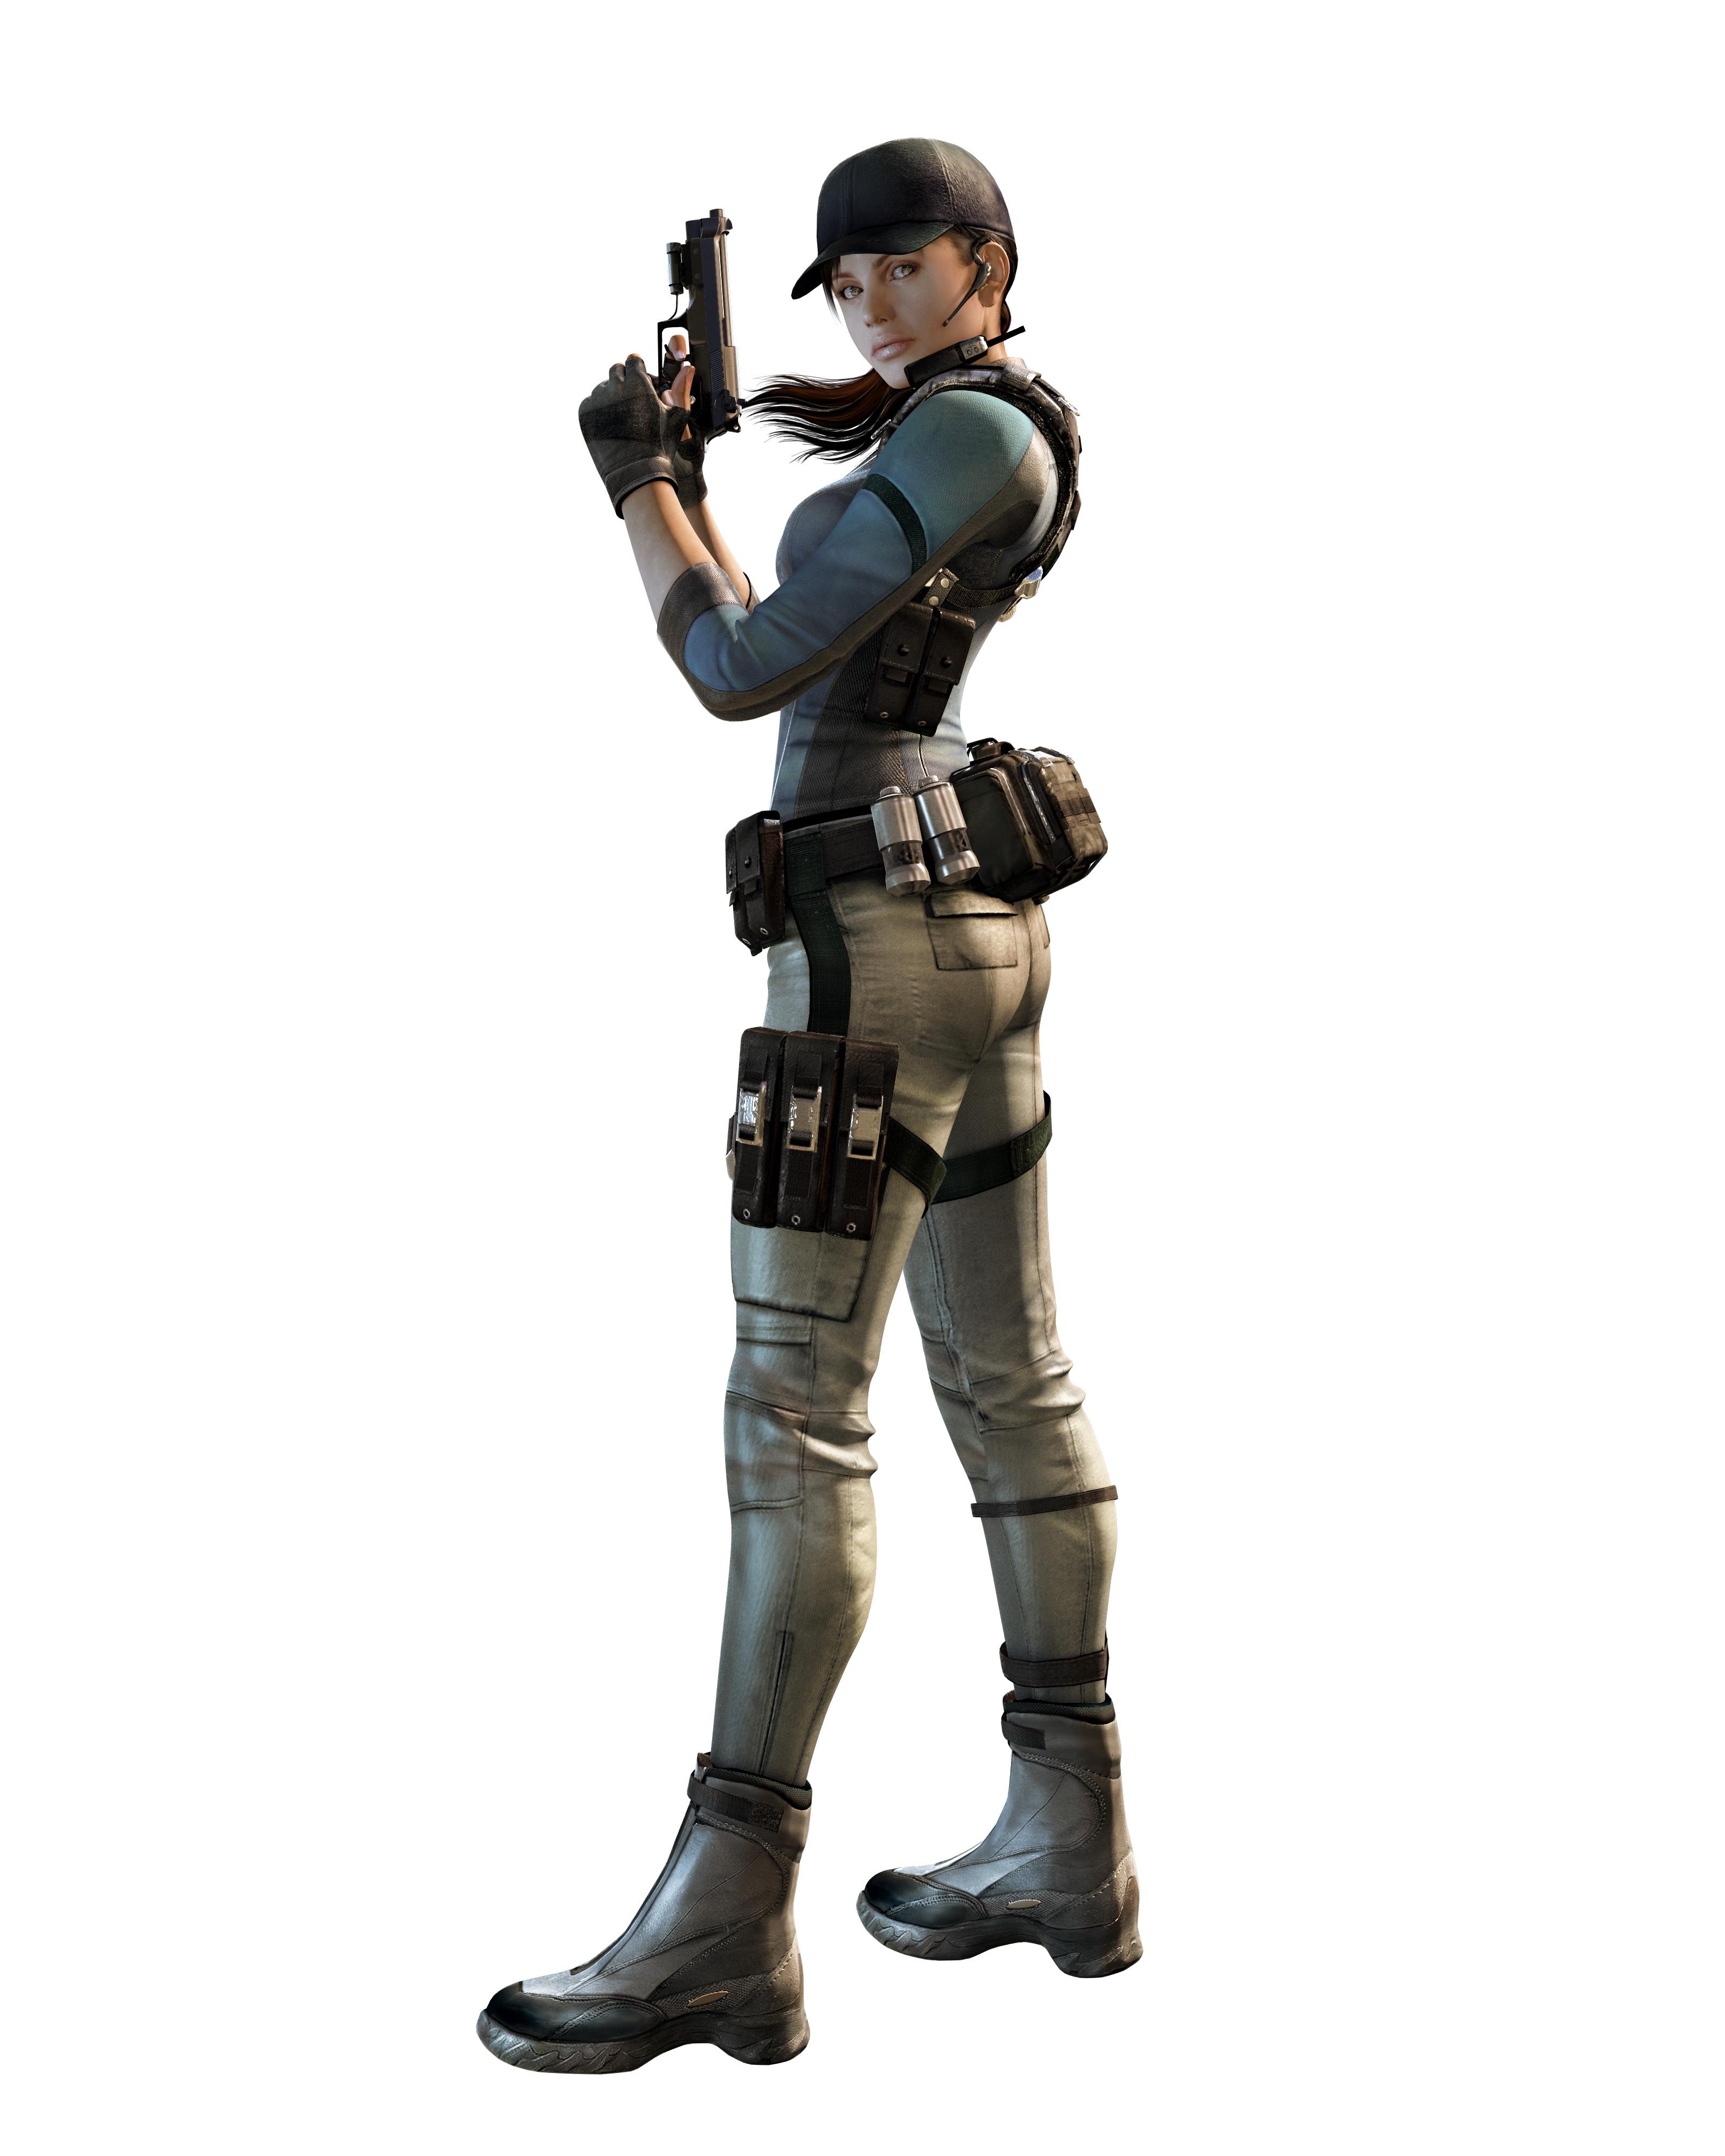 ResidentEvil-TheMercenaries3D 3DS Visuel 005